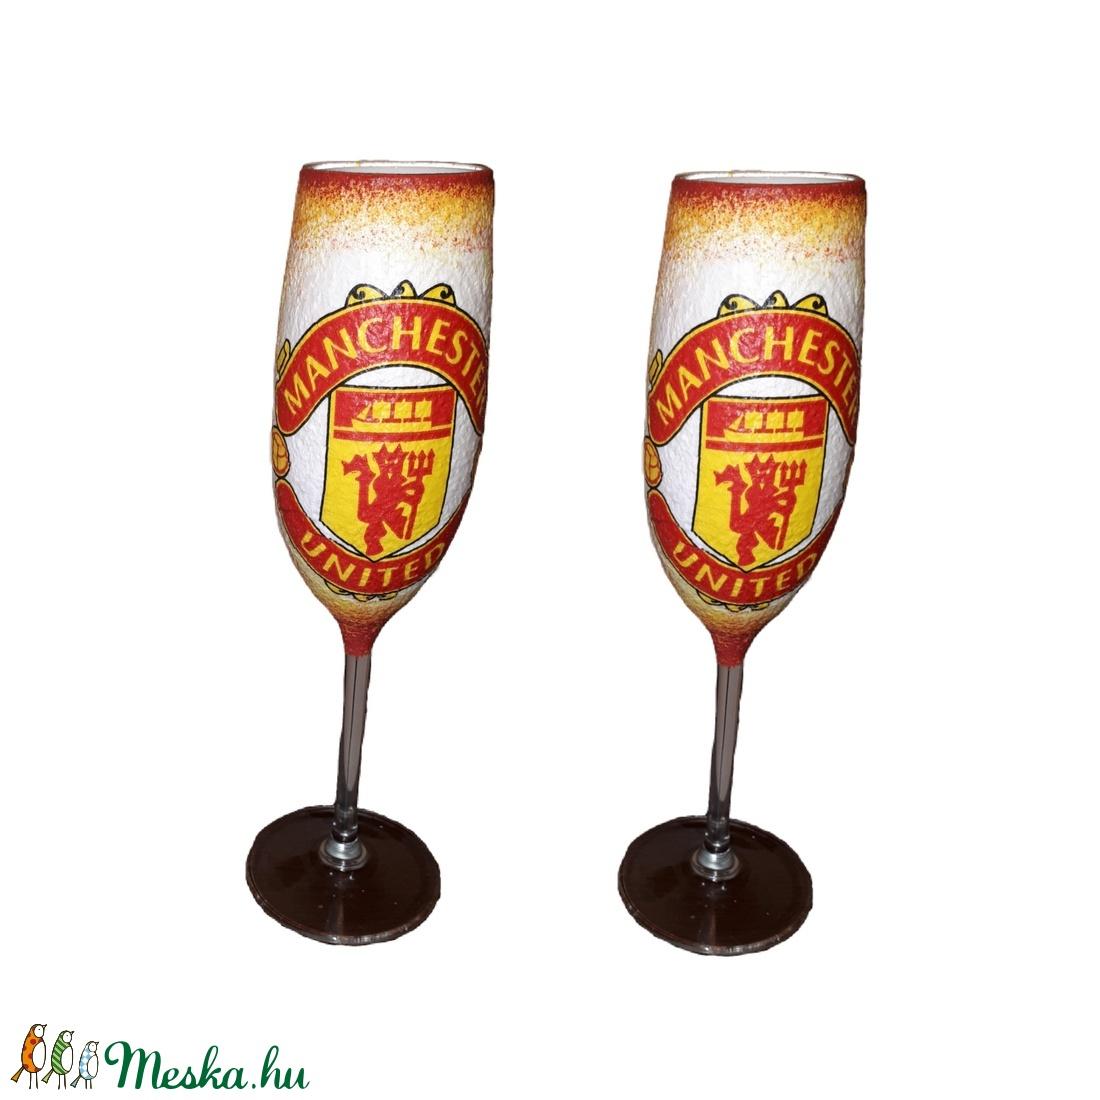 Manchester United  pezsgős 2 db-os pohárszett foci rajongói ajándékl (Biborvarazs) - Meska.hu